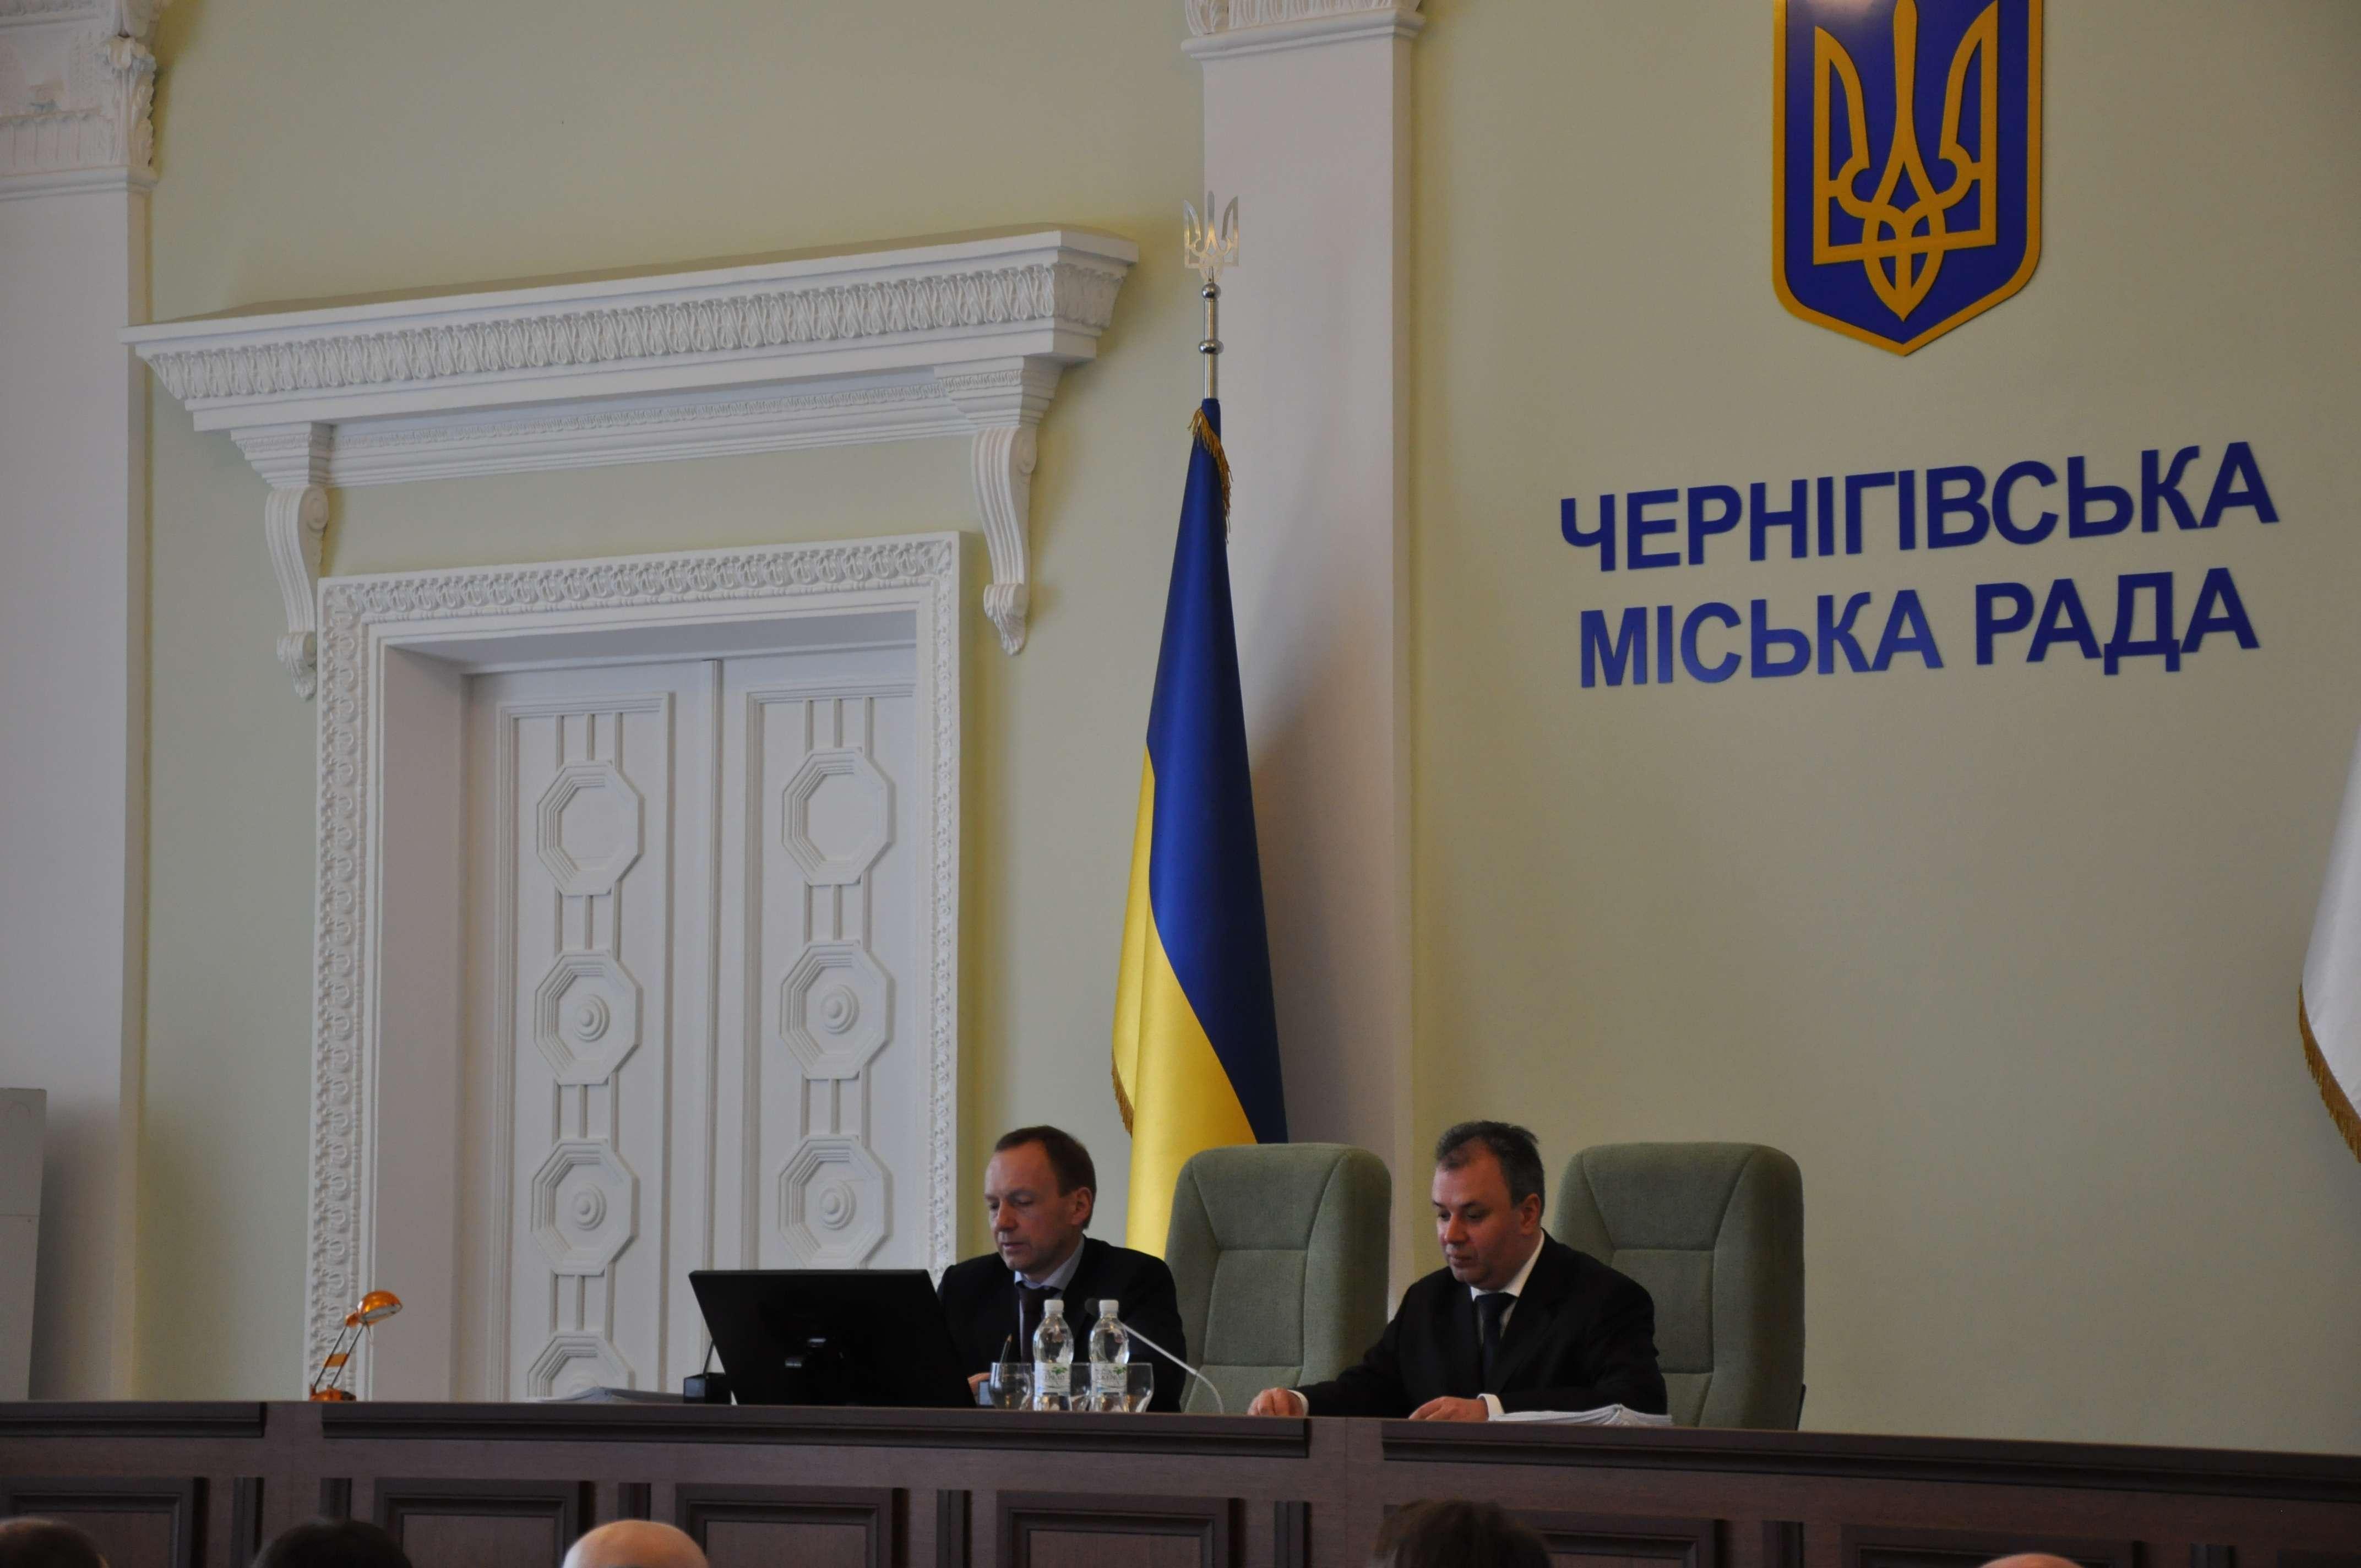 Міський голова та секретар міської Ради відкривають сесію